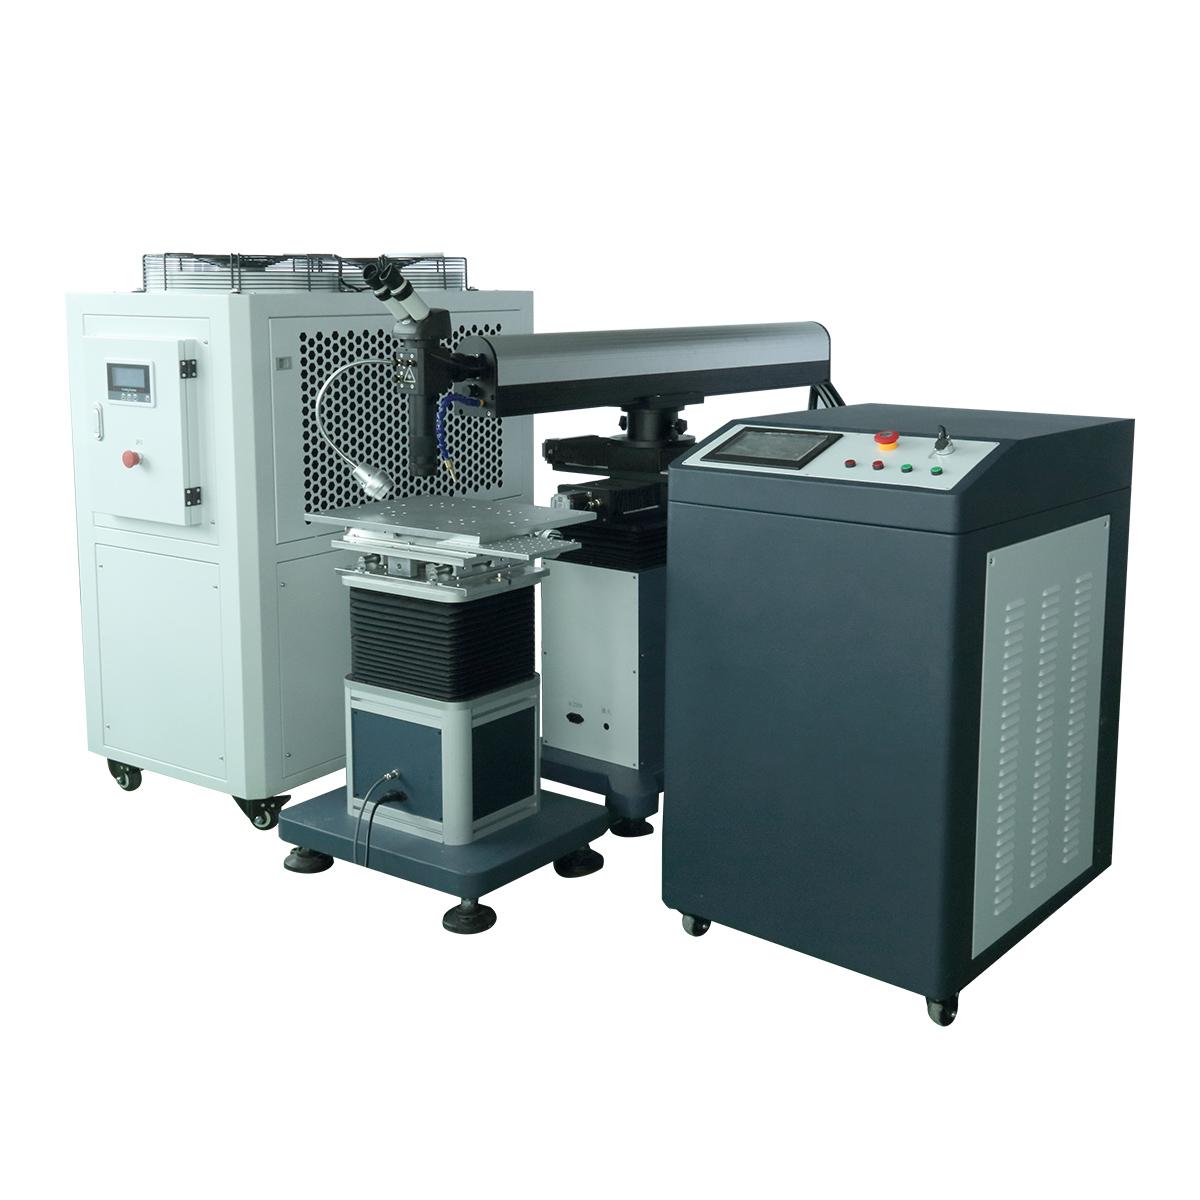 四型模具焊接机 (4).JPG